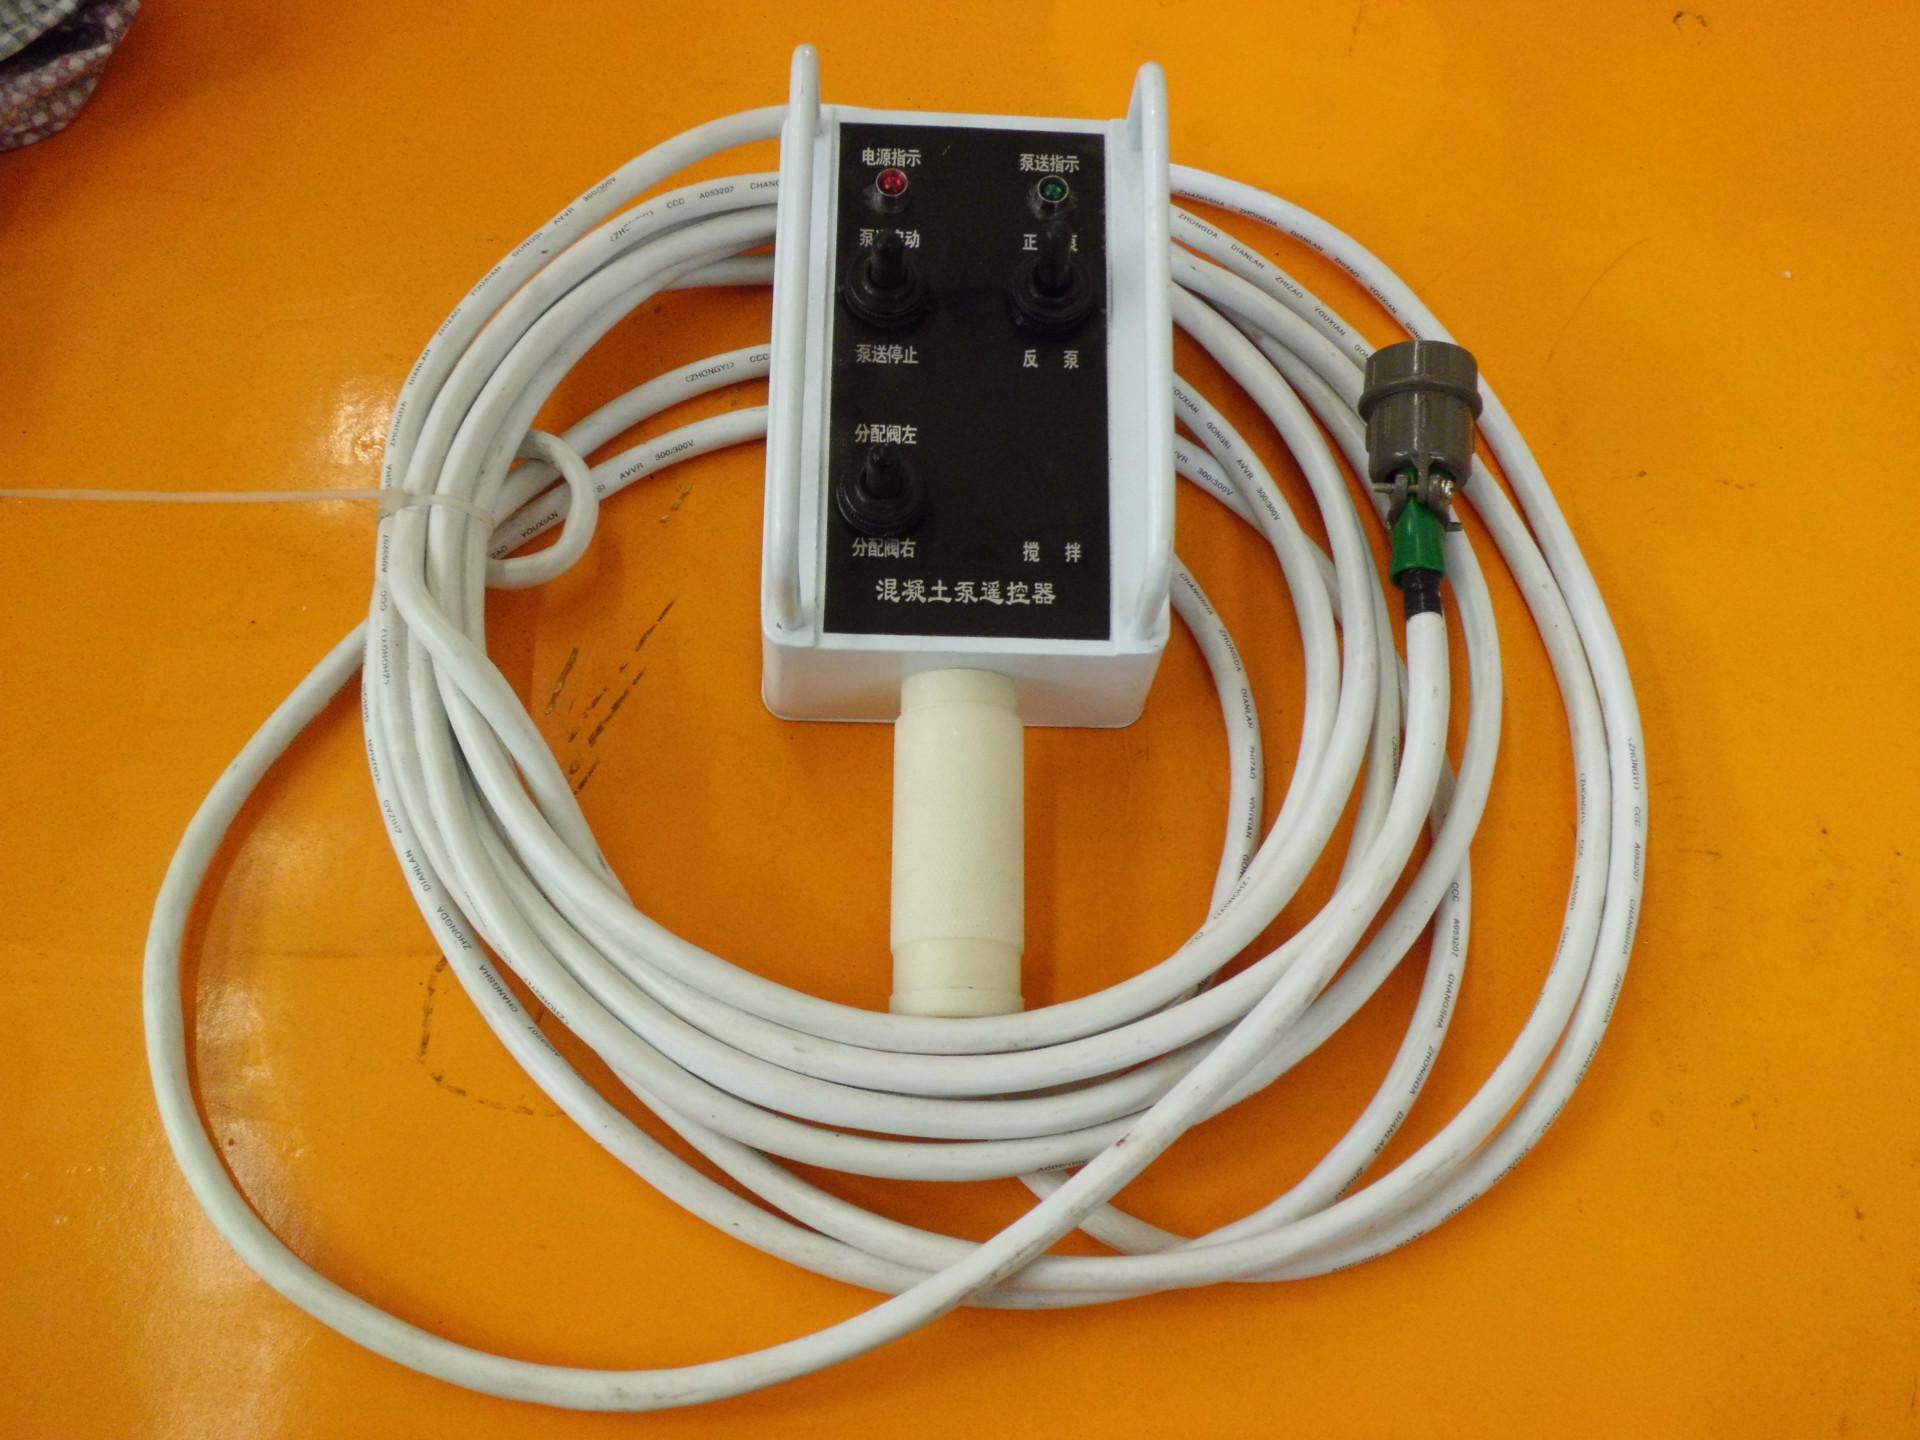 供应各种方形、孔式遥控器|长沙泽昌机械|混凝土机械配件